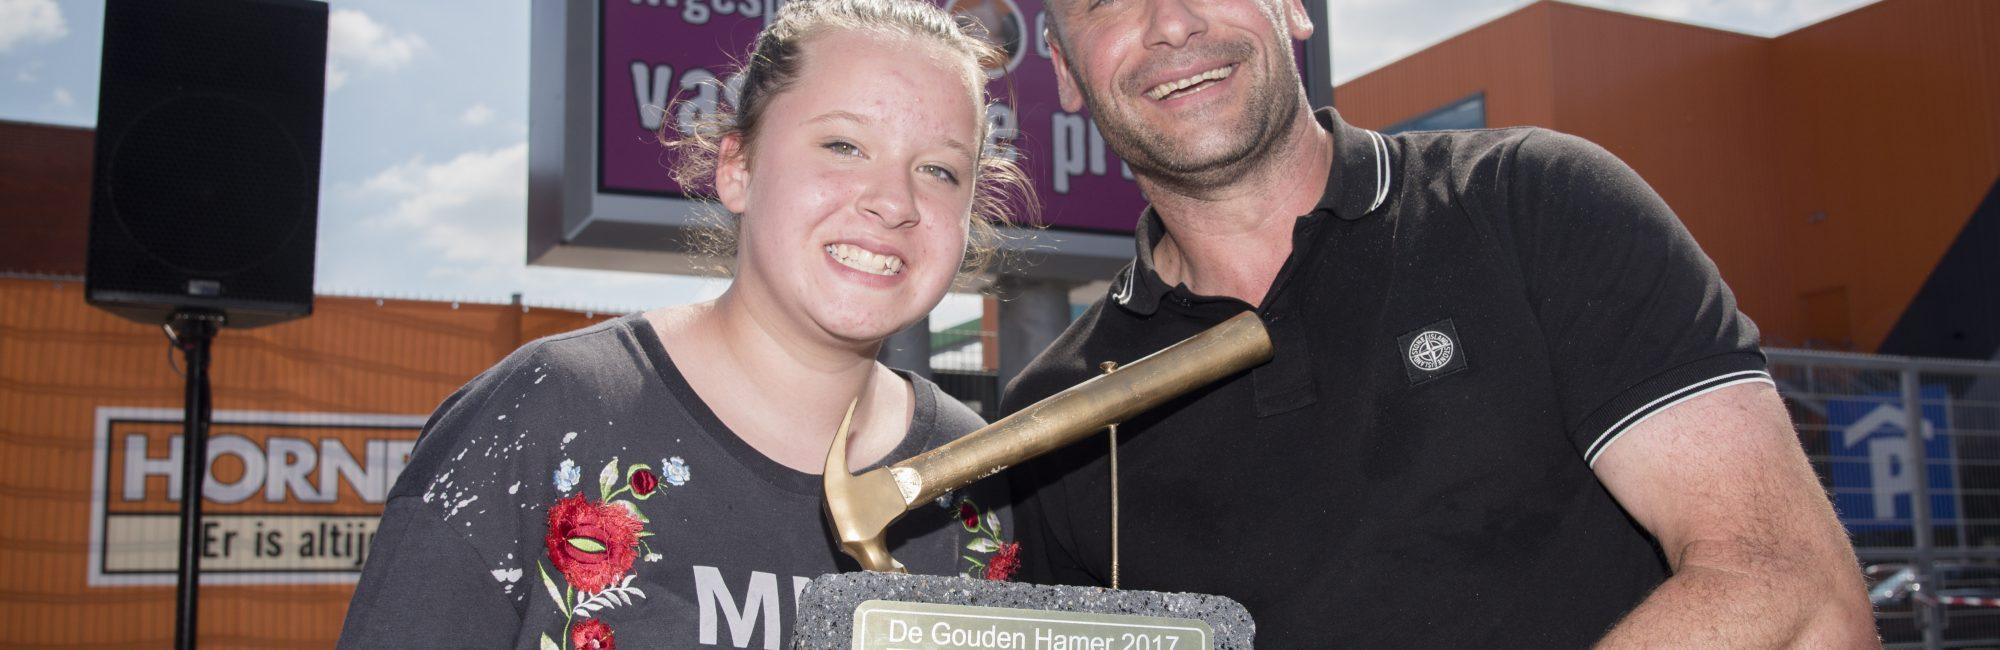 Paul Lucius winnaar gouden hamer hornbach